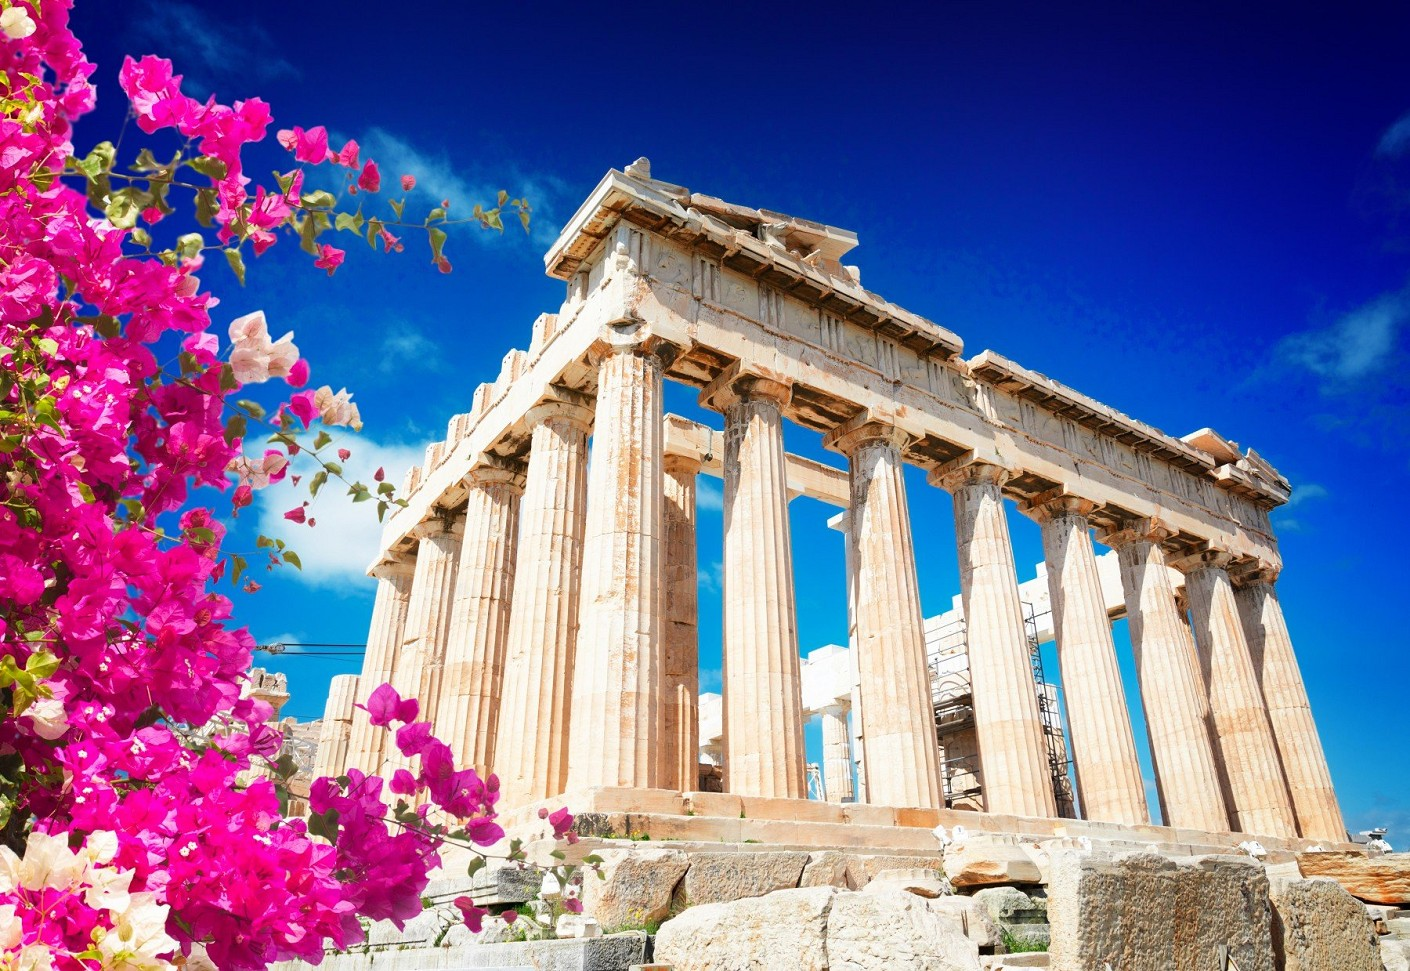 Ką verta žinoti prieš vykstant į Atėnus?